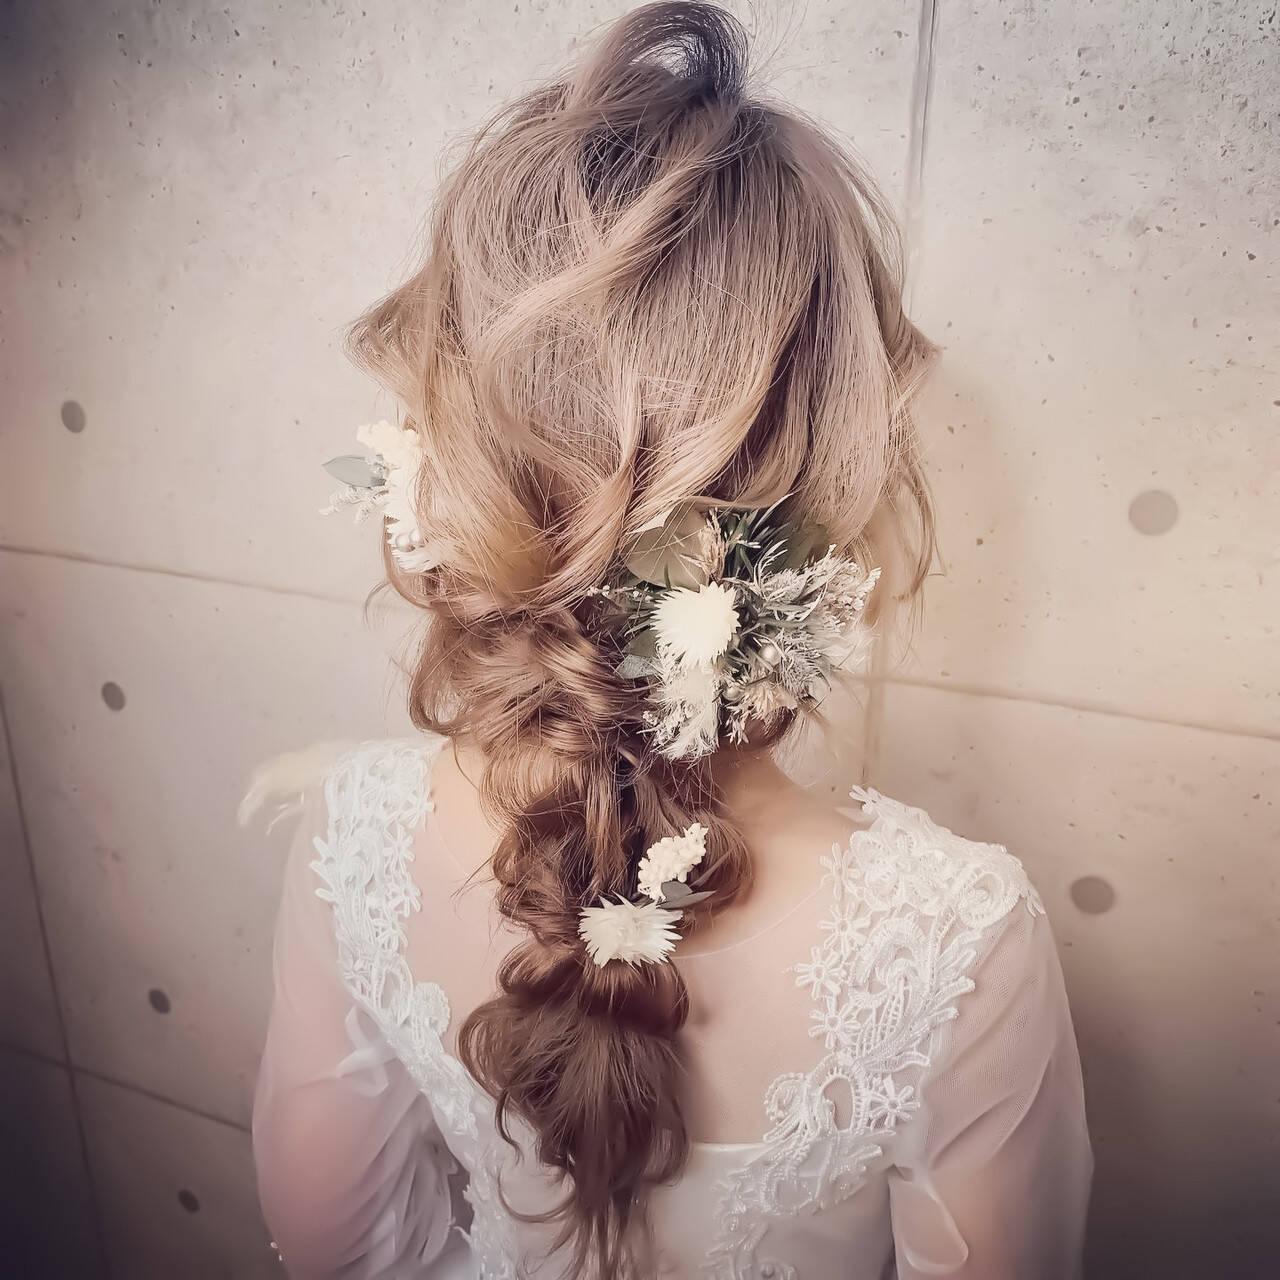 ロング エレガント セルフヘアアレンジ 結婚式ヘアスタイルや髪型の写真・画像